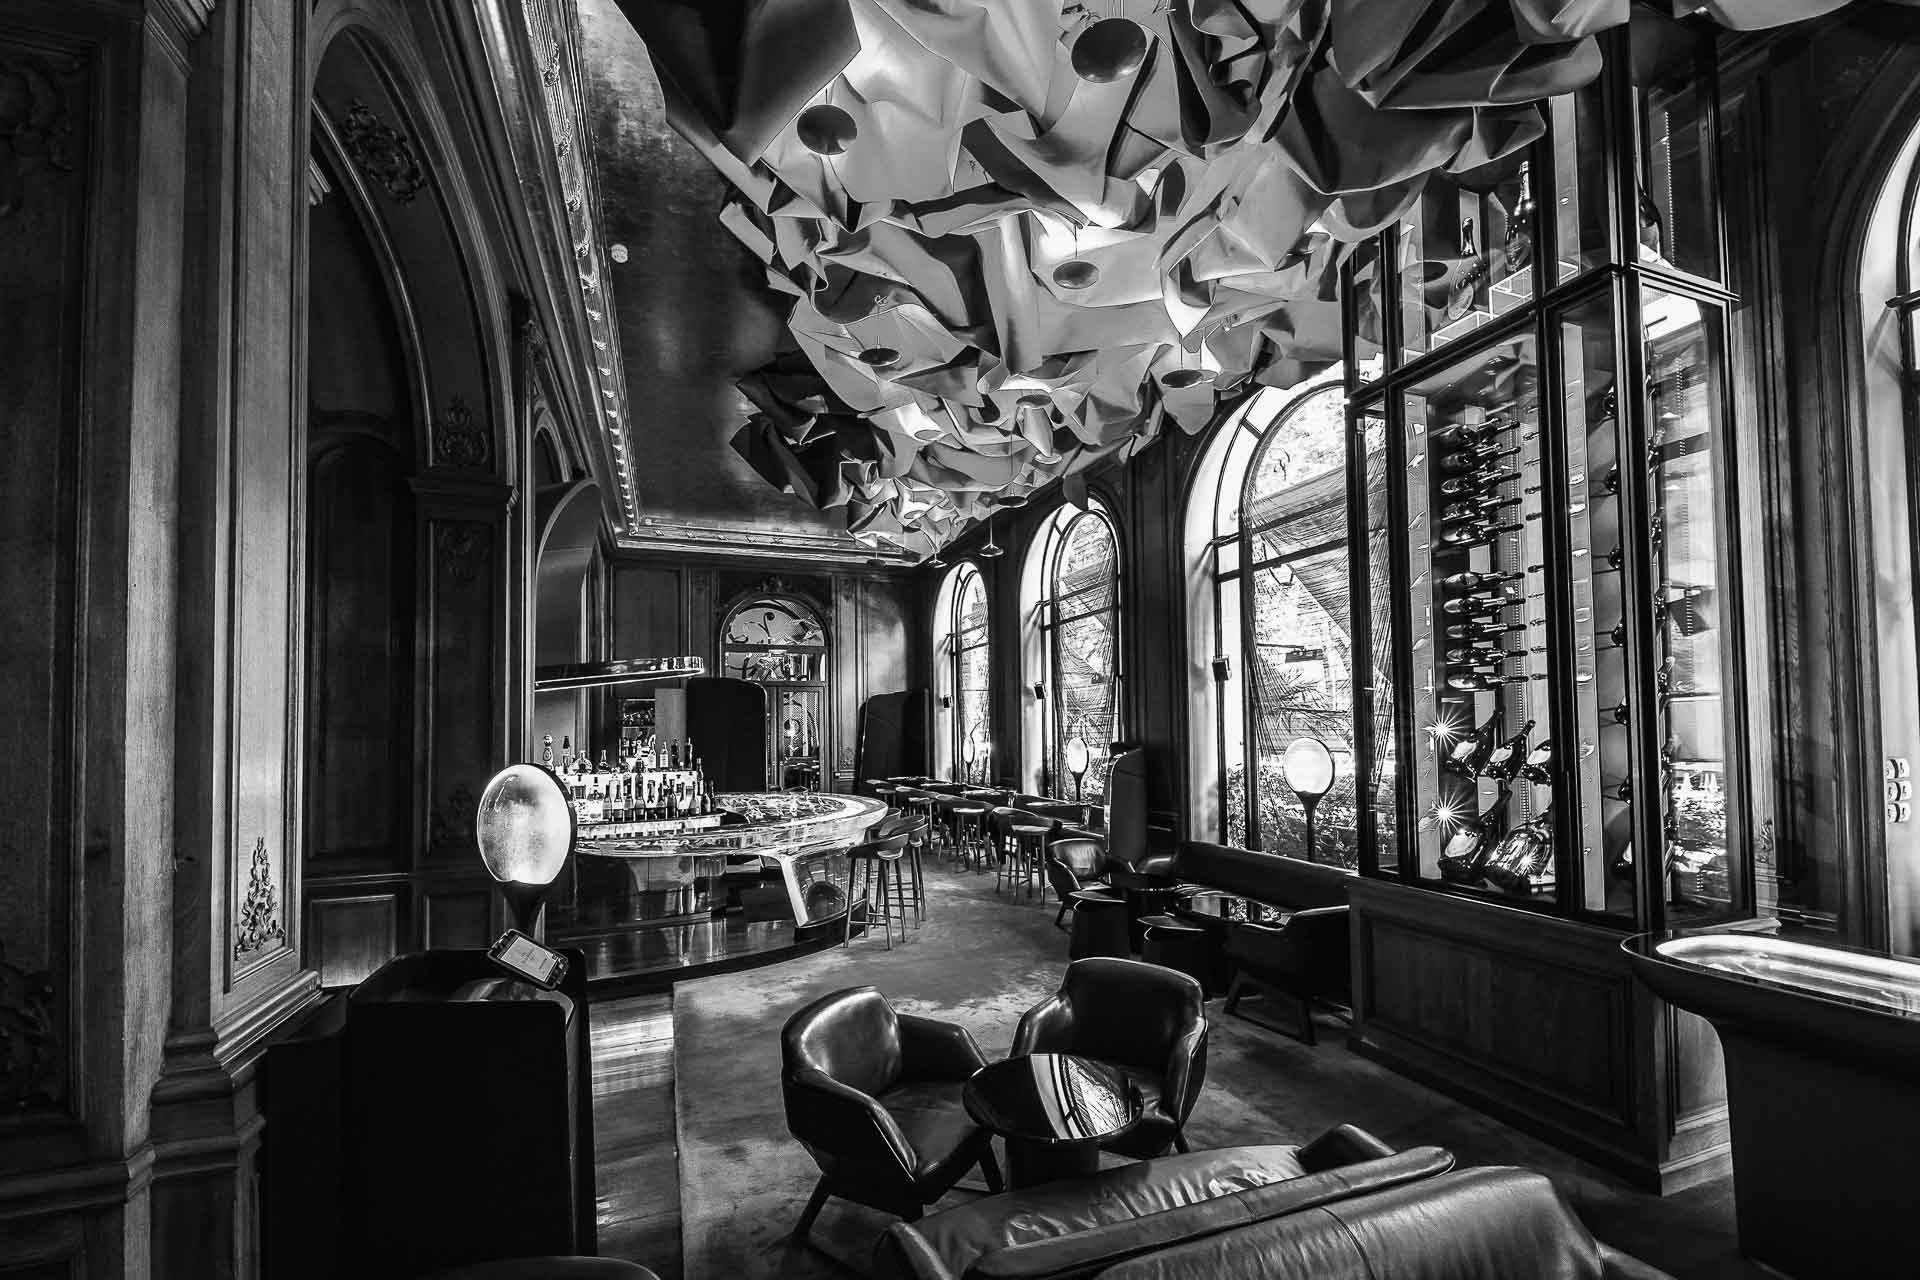 Le bar glamour du célèbre palace de l'Avenue Montaigne sera pour les trois prochaines années une vitrine d'exception pour les prestigieux champagnes millésimés Dom Pérignon.